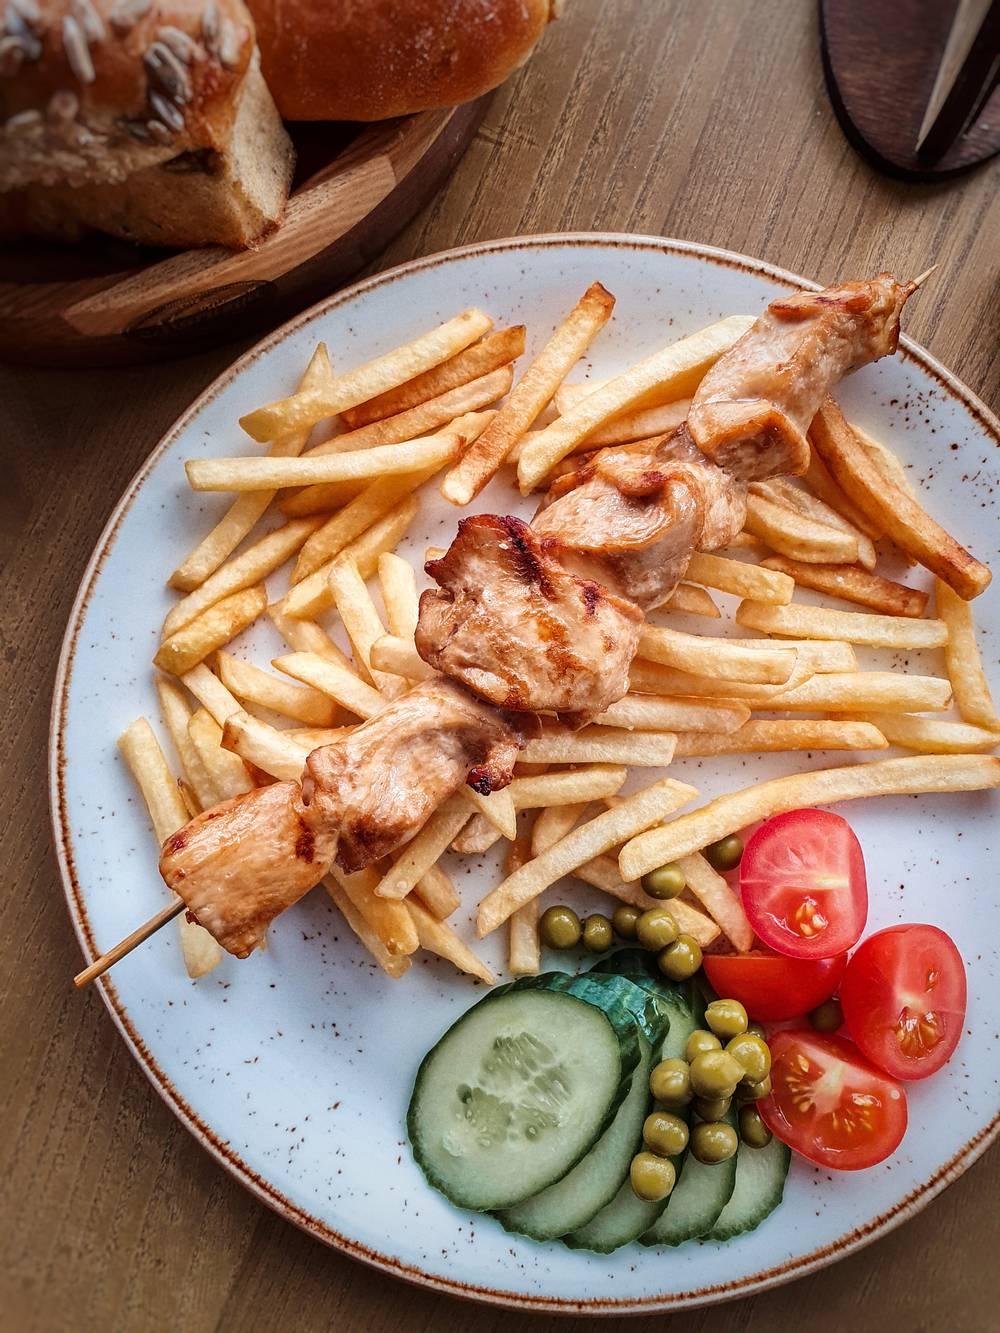 Шашлычок куриный с картофелем фри доставка еды Волгоград кафе Marusya Маруся Дома